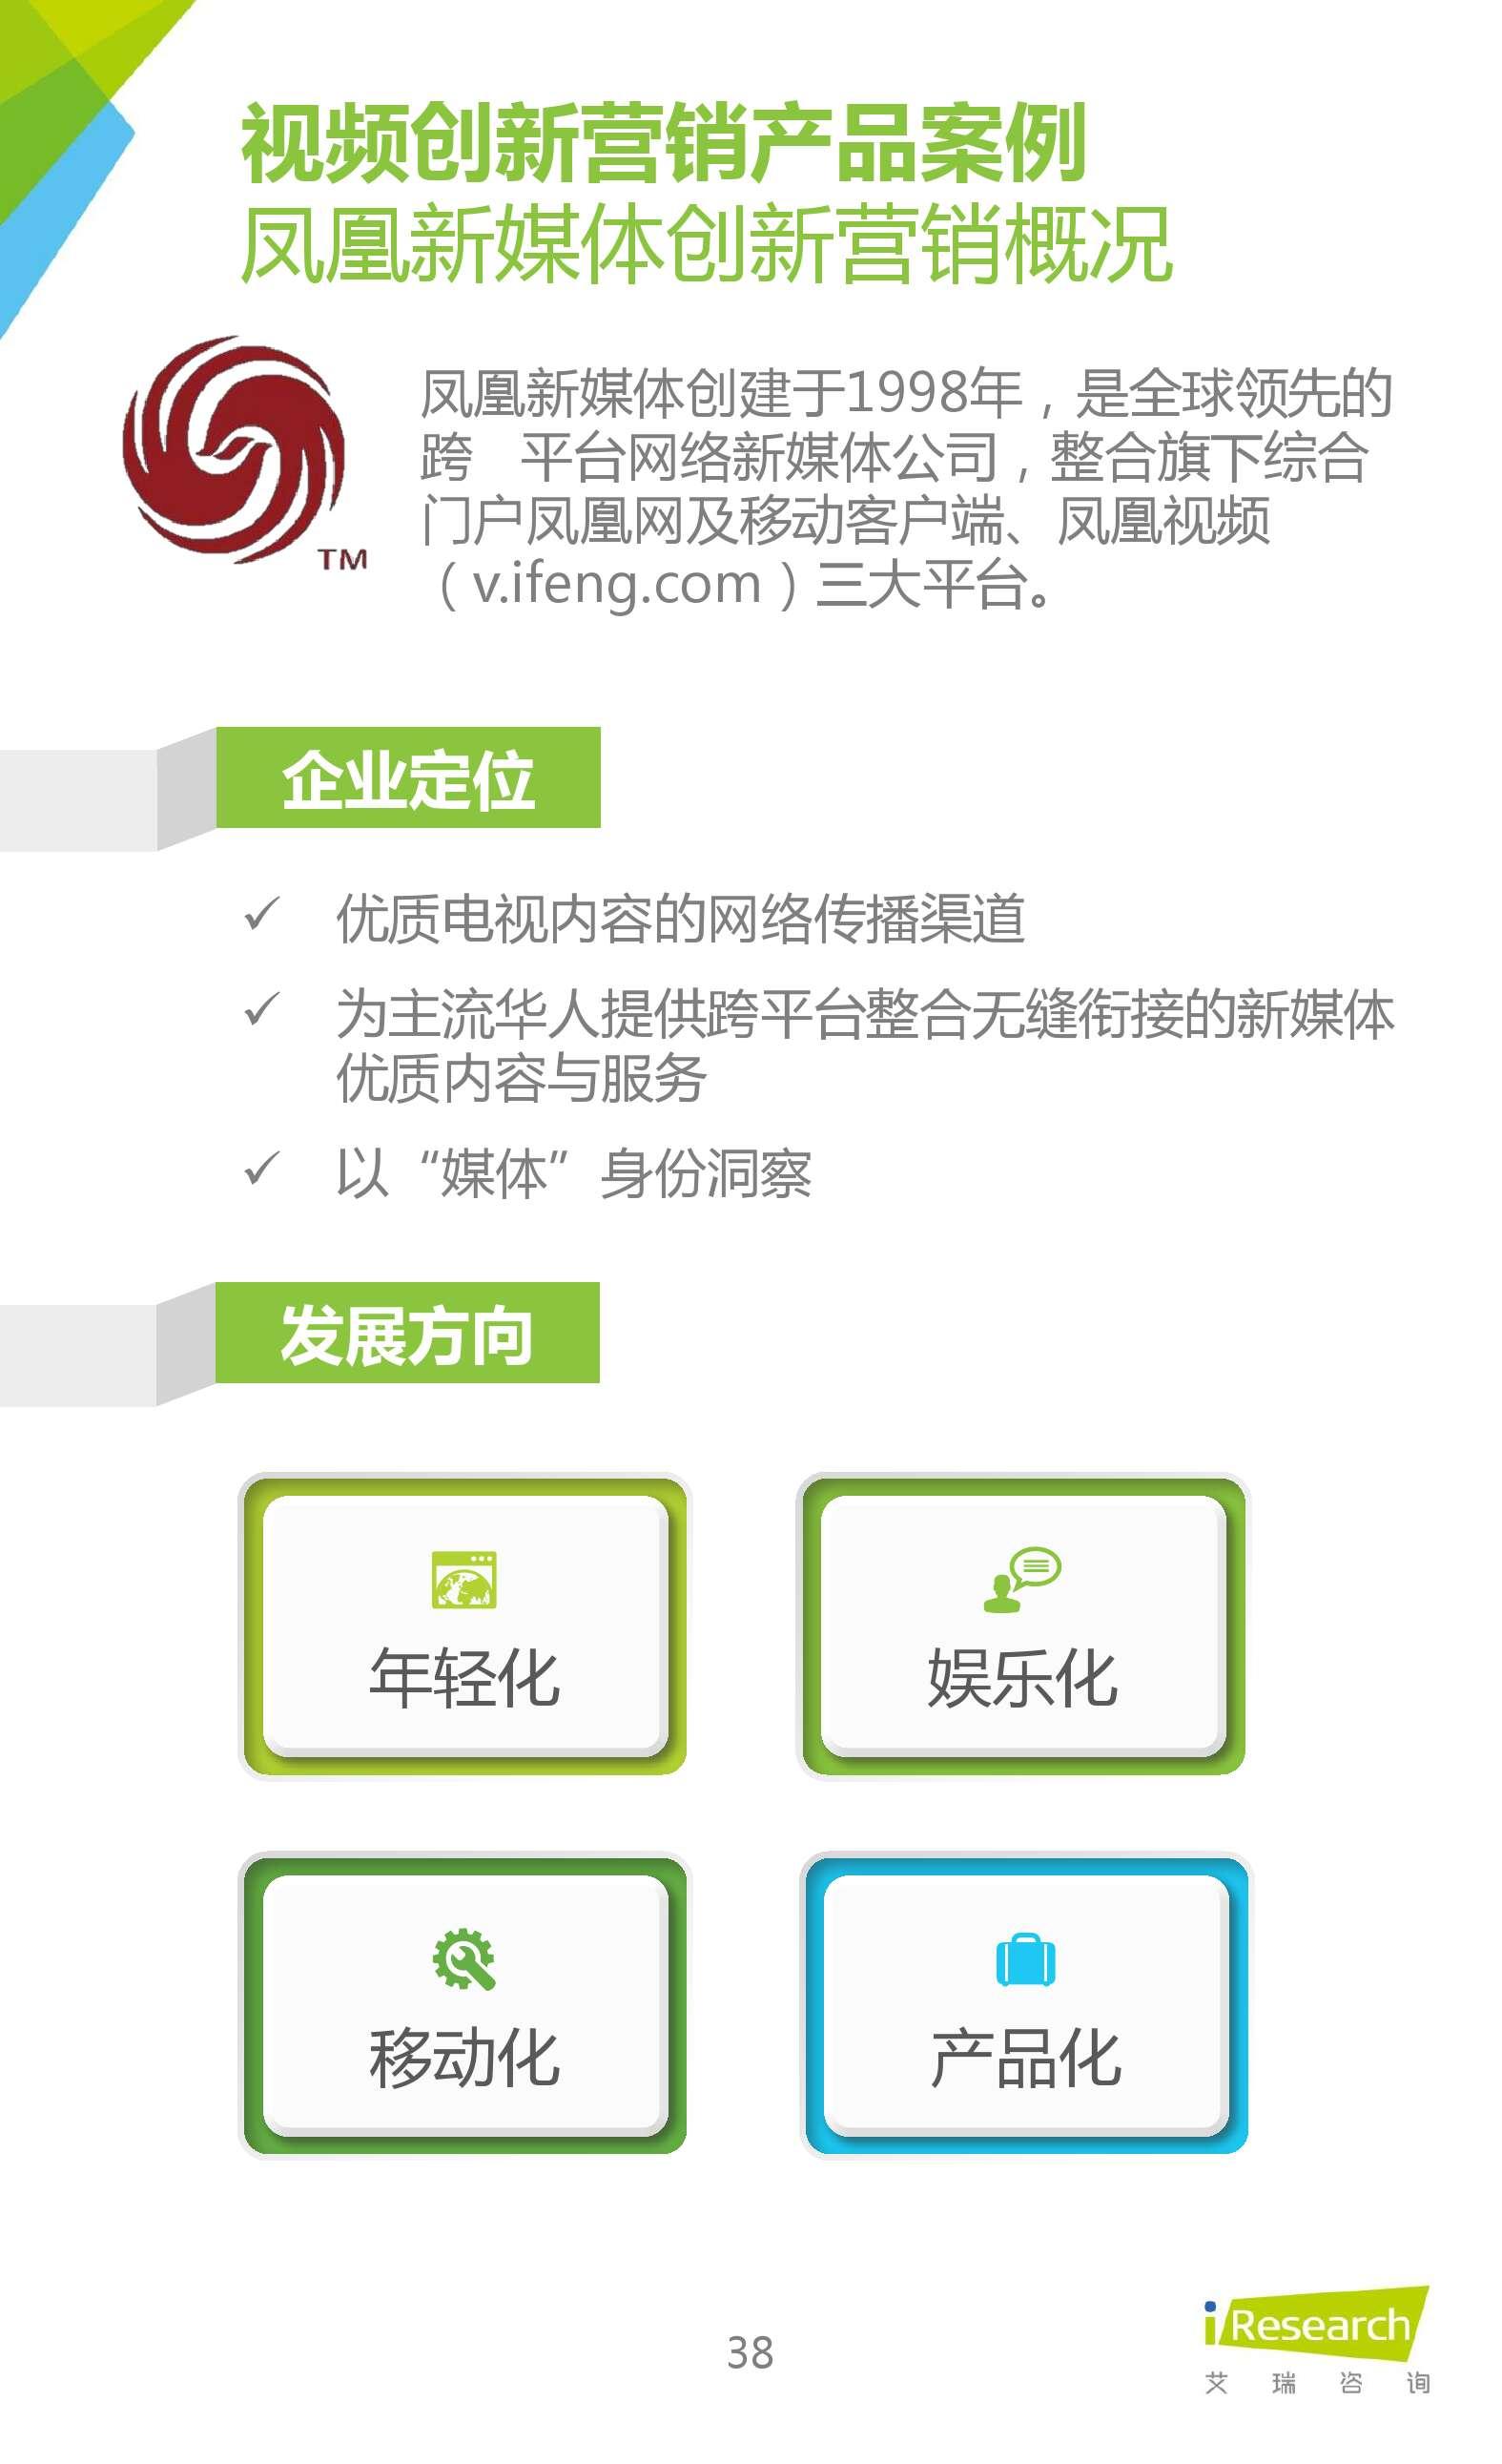 2016年中国在线视频企业创新营销研究_000038